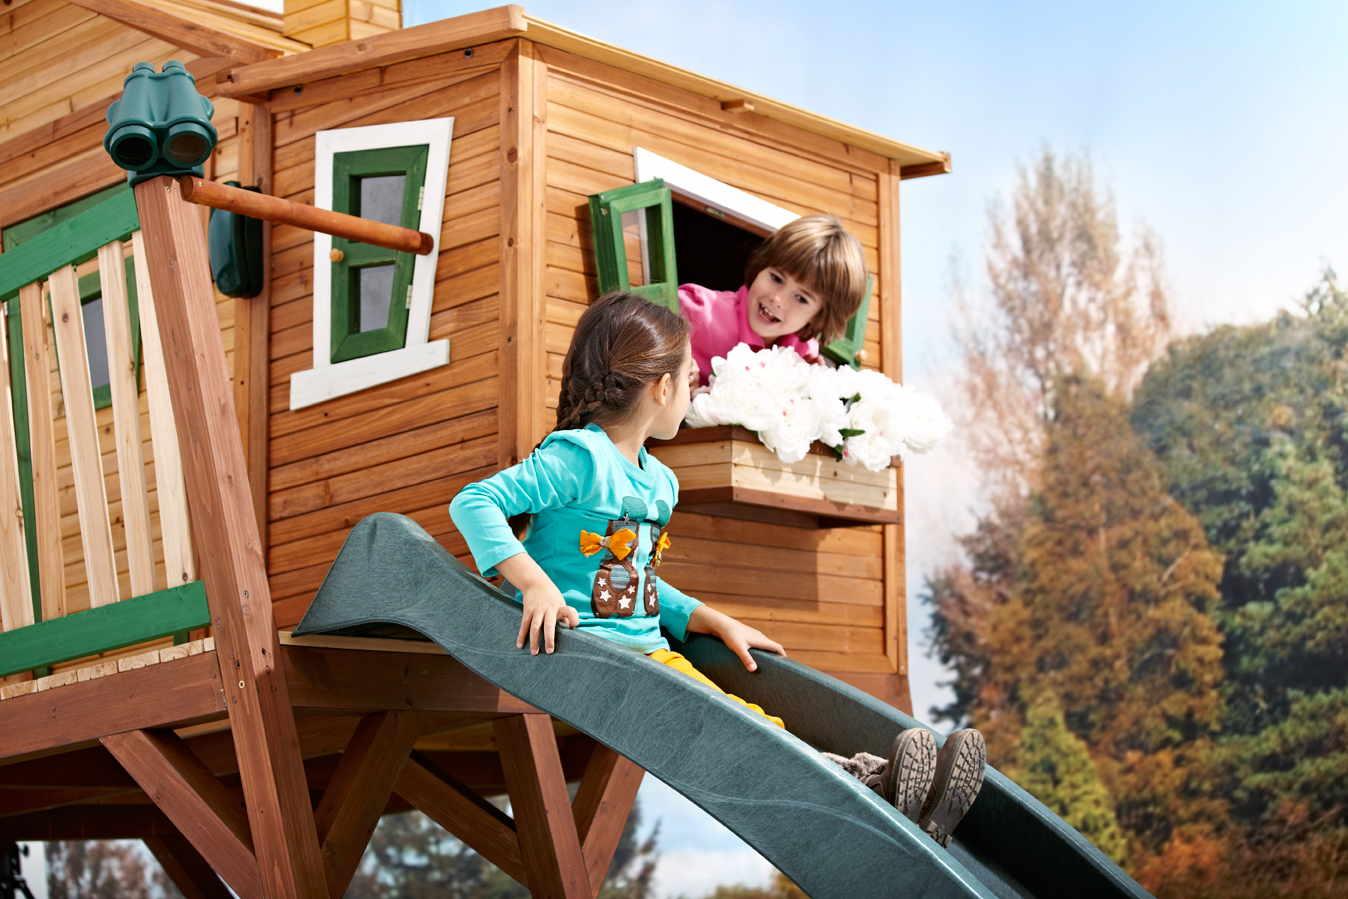 Full Size of 765 Garten Spielhaus Küche Ausstellungsstück Bett Holz Kunststoff Kinderspielhaus Wohnzimmer Spielhaus Ausstellungsstück